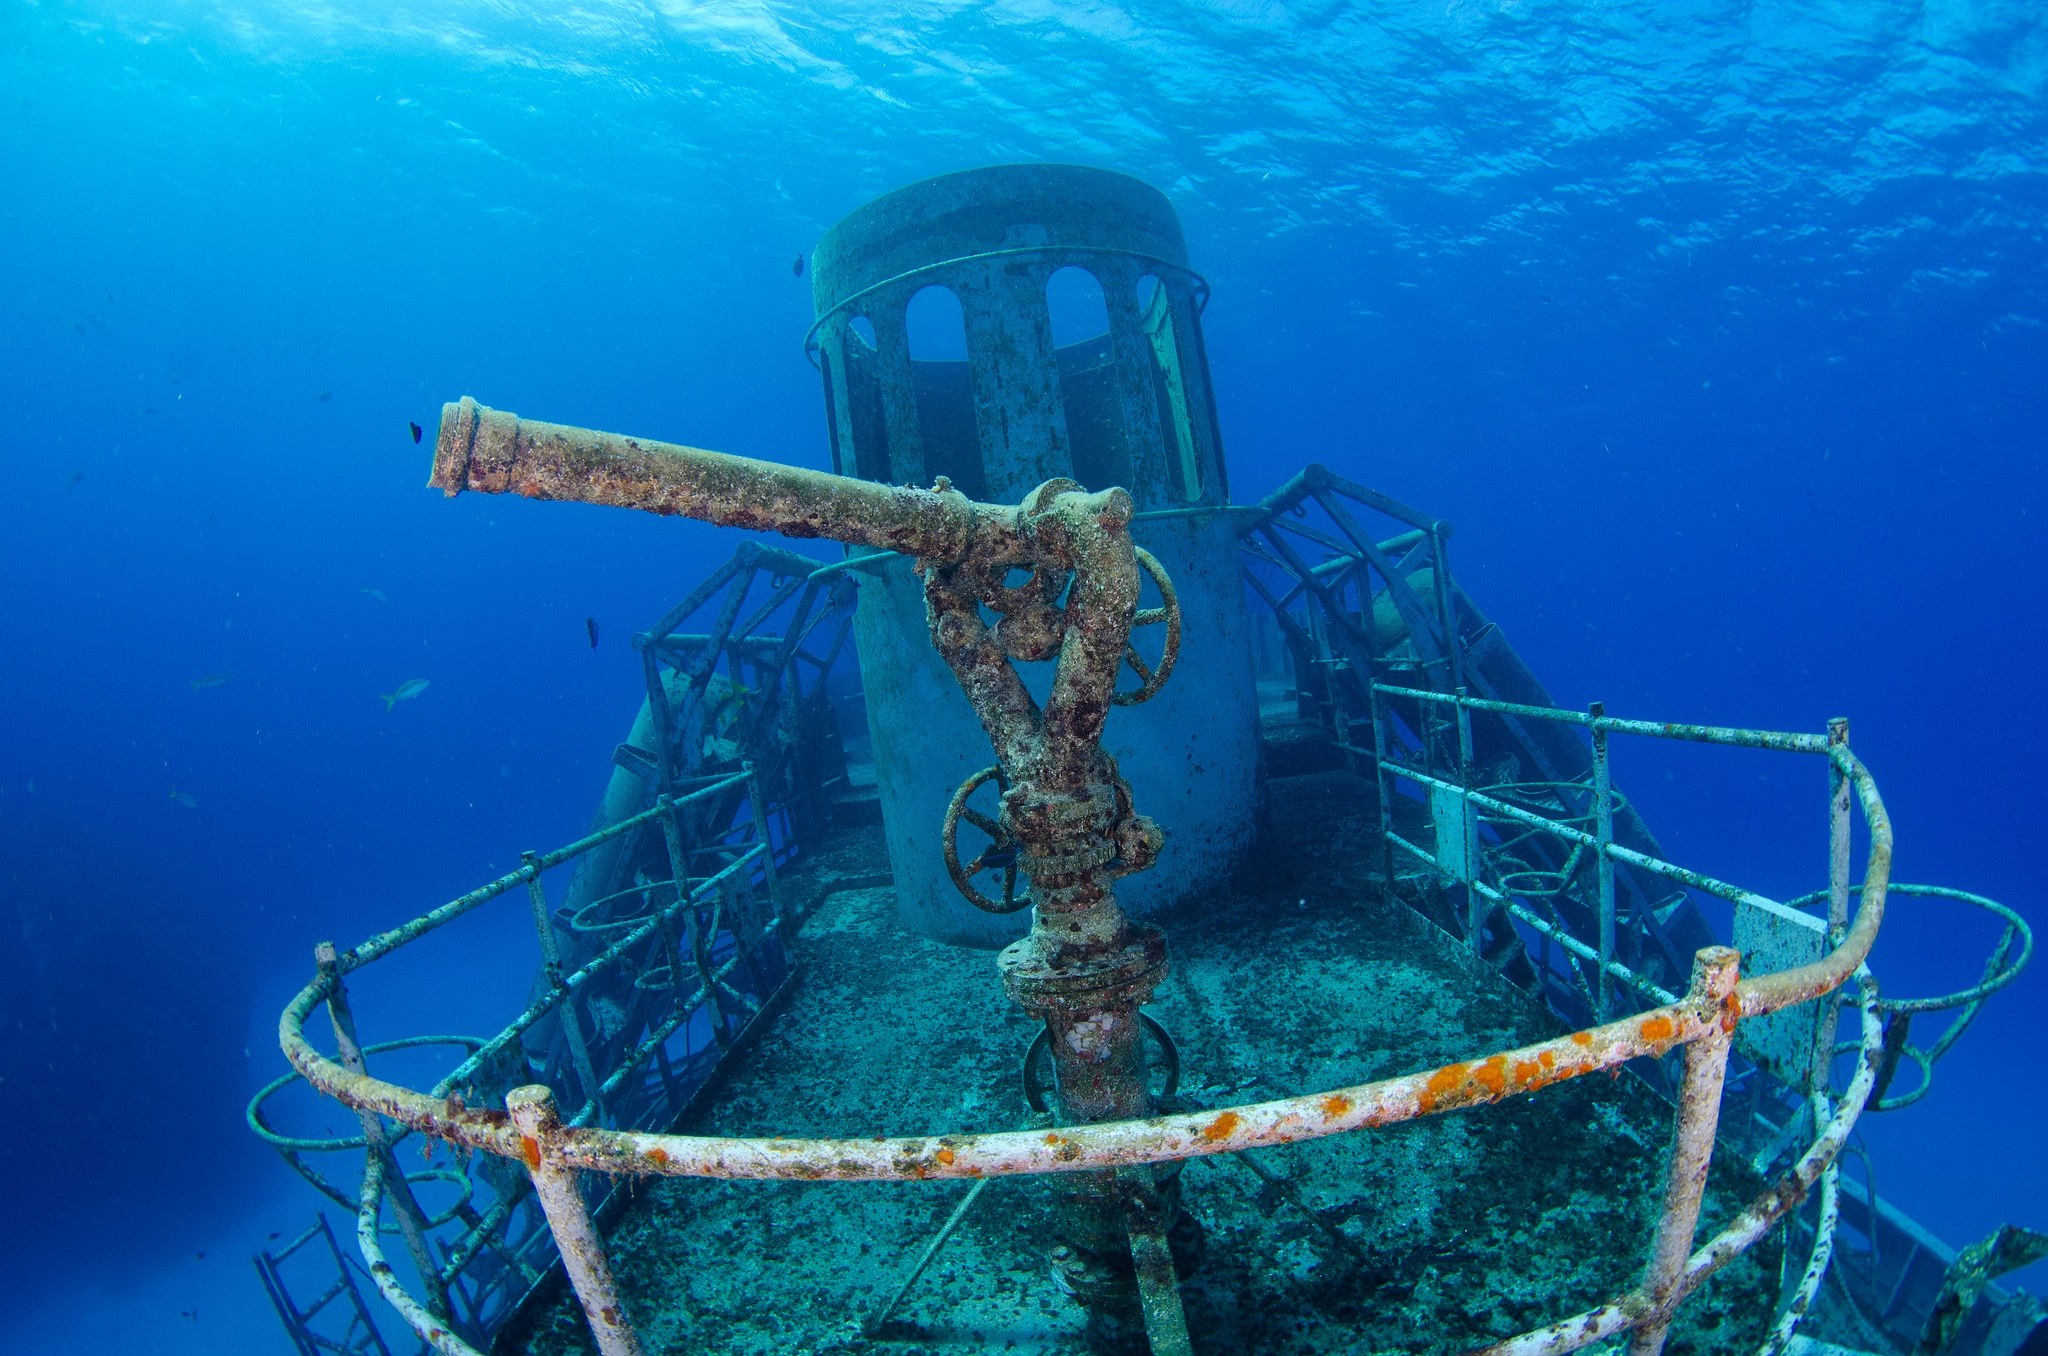 Photo Credit: Ocean Frontiers Diving Adventures